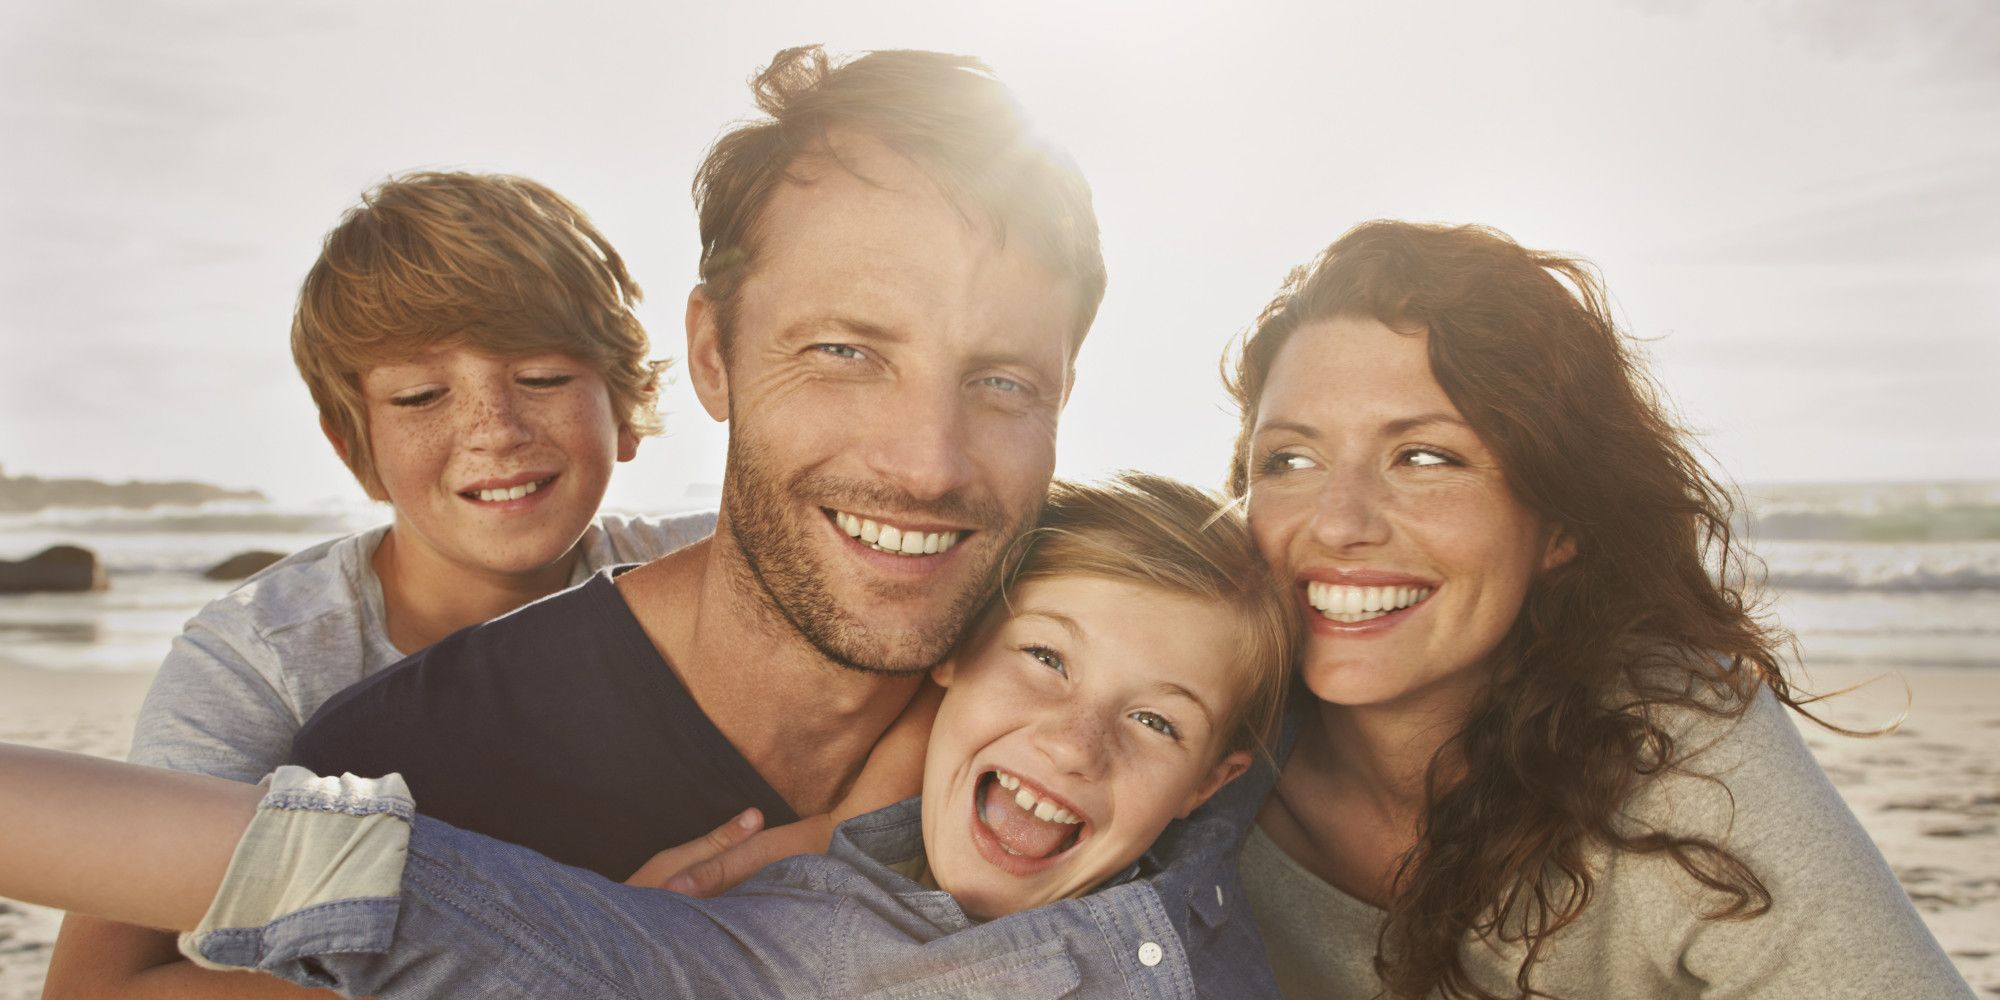 Frasi Sulla Famiglia Aforismi E Citazioni Più Belli Bigodino